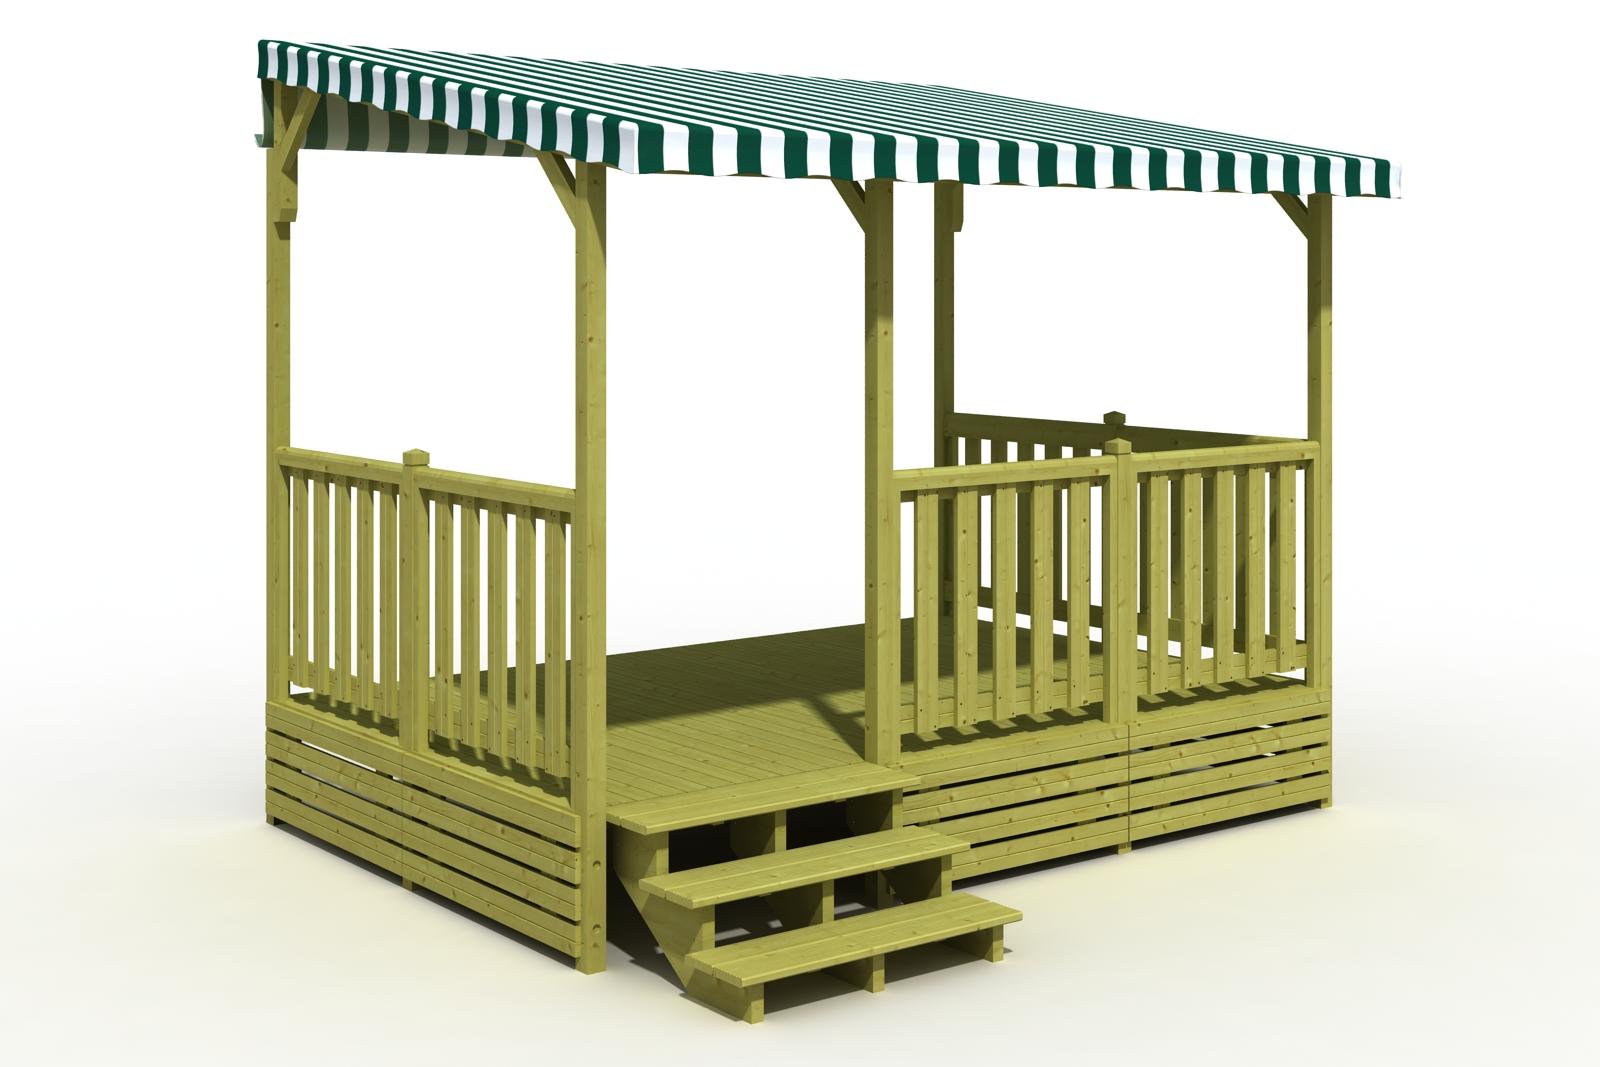 Terrasse en bois pour mobil home couverte avec bâche PVC, coloris de